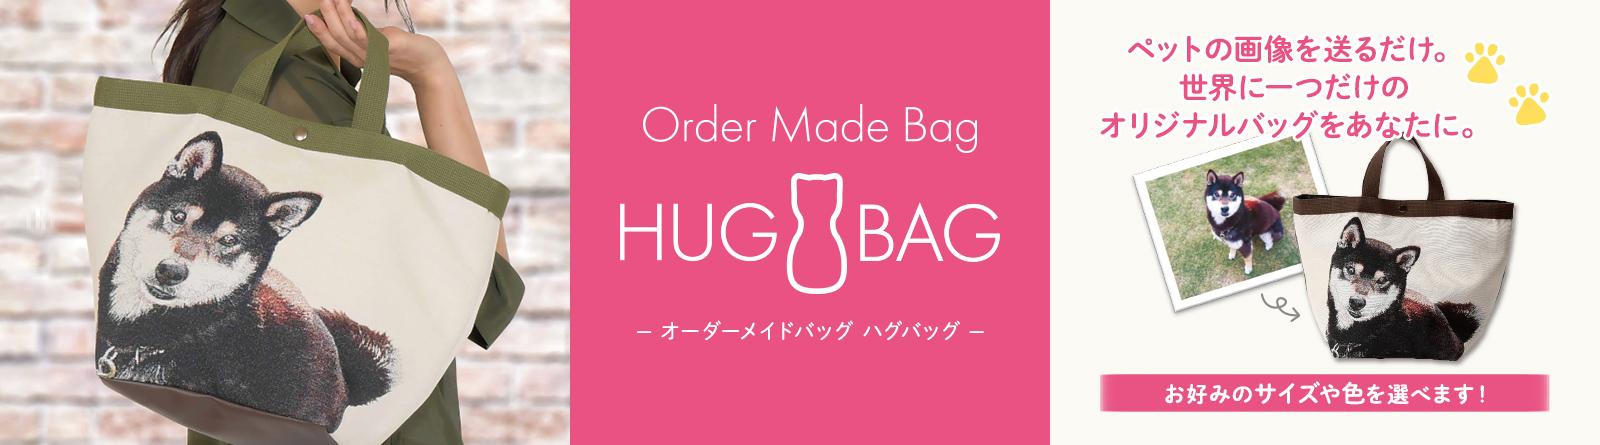 【織柄】HUG BAG(ハグバッグ)オーダーメイドバッグ